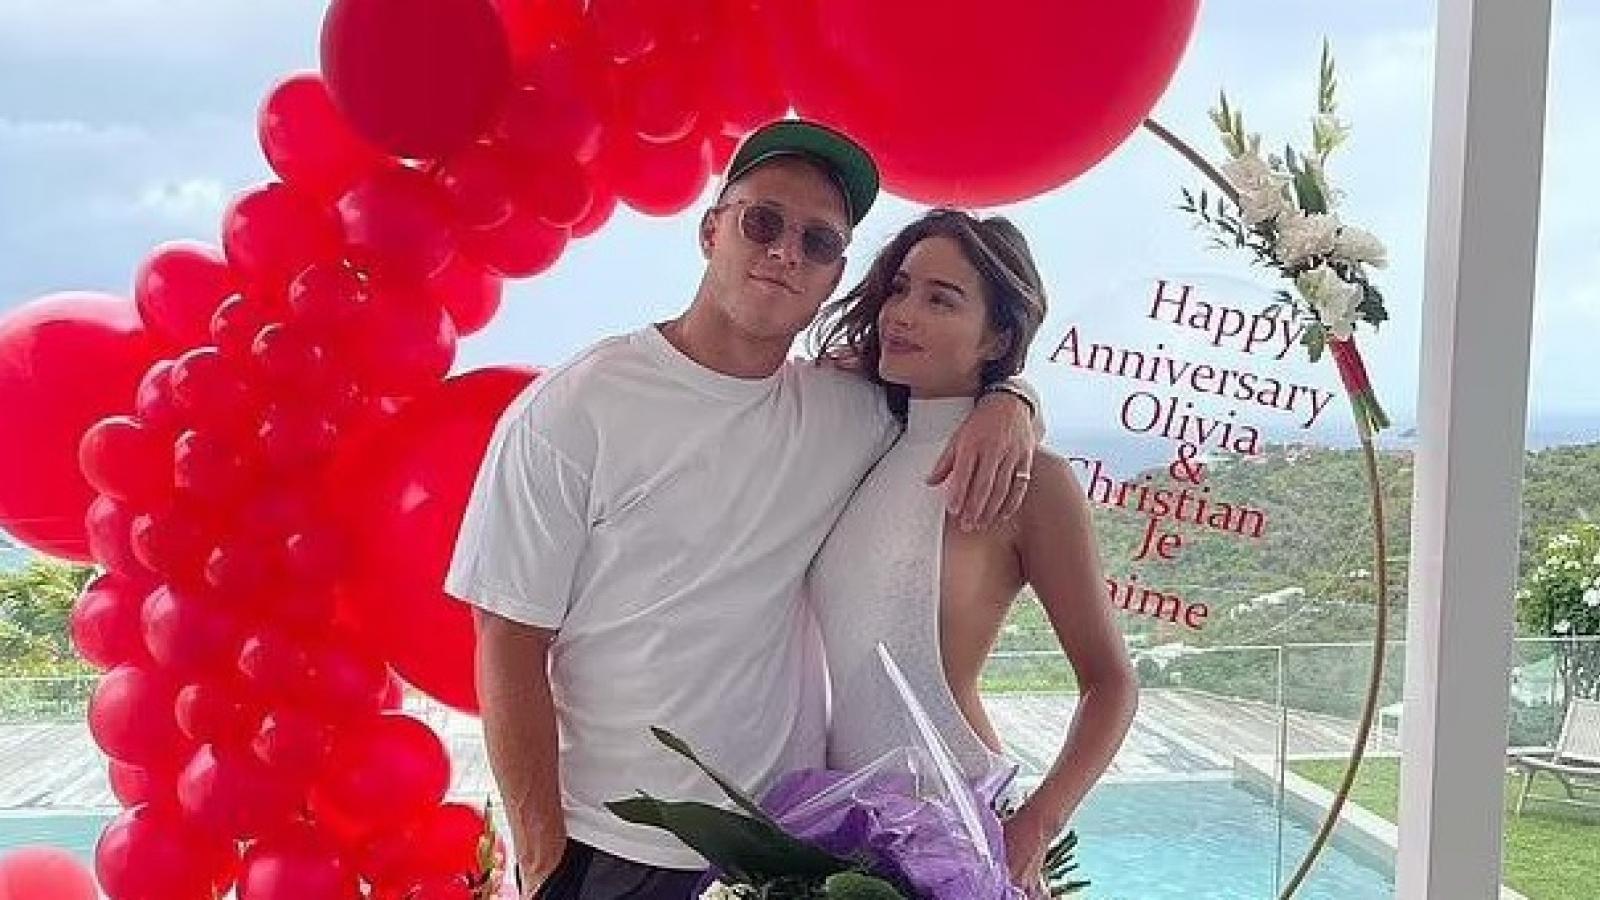 Hoa hậu Olivia Culpo ngọt ngào ôm bạn trai kỷ niệm 2 năm hẹn hò